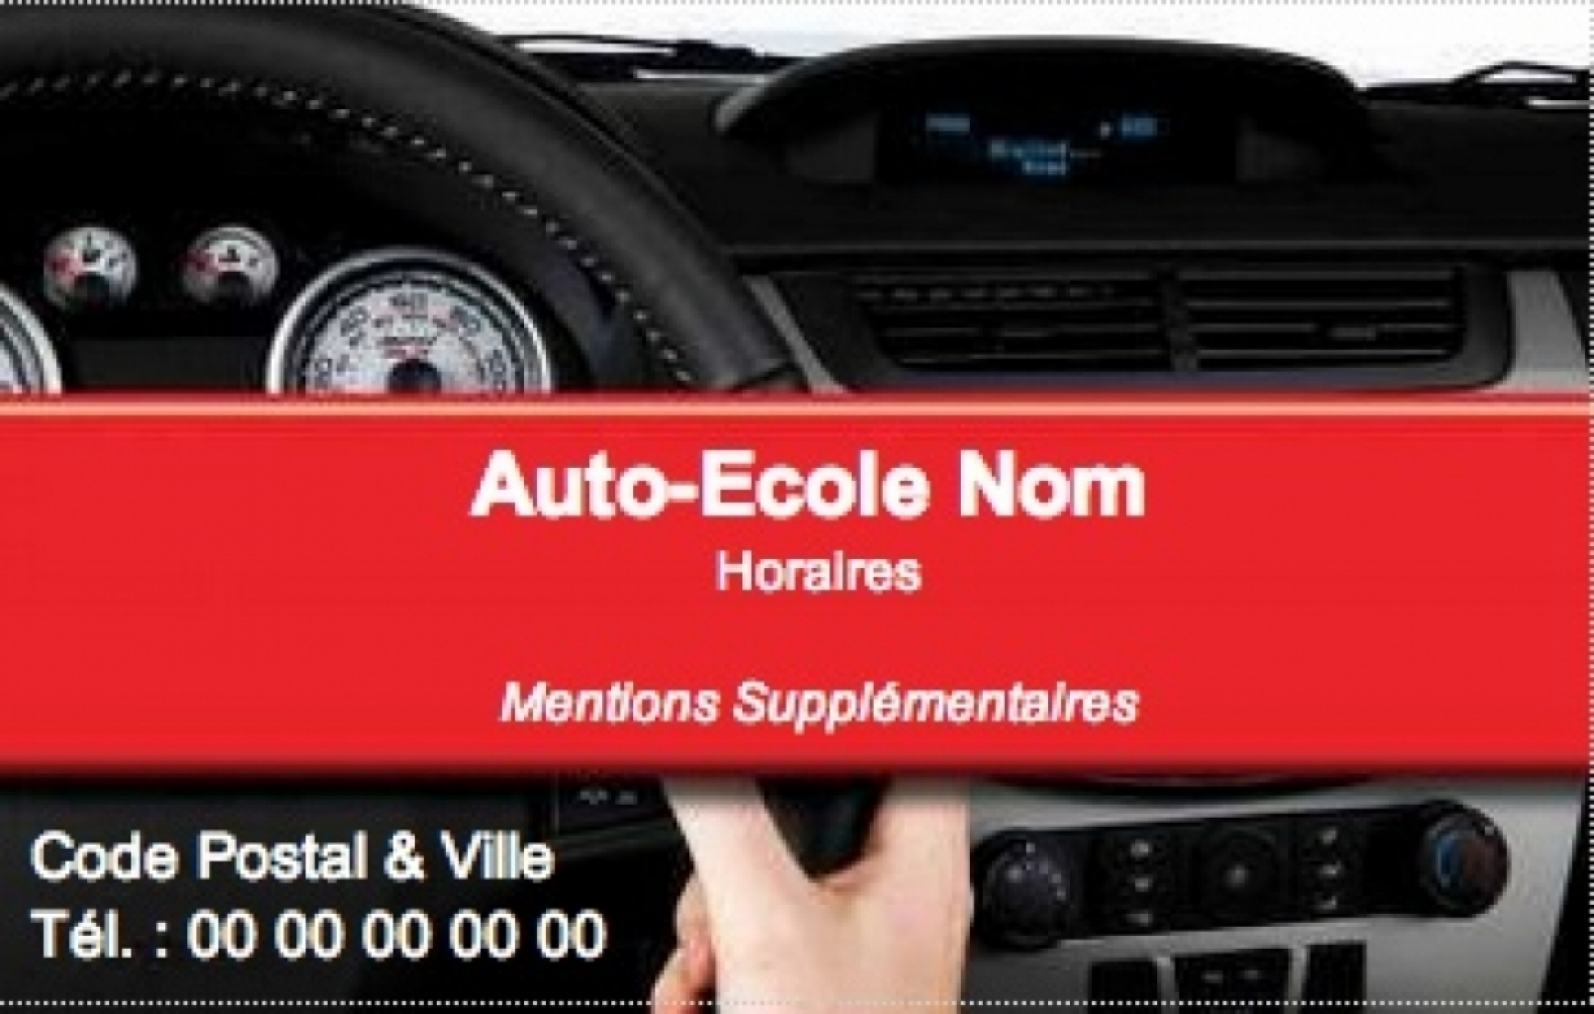 Auto Cole Carte De Visite Ecole Exemple Pas Cher Avec Modle En Ligne Gratuit Imprimer Chez Soi